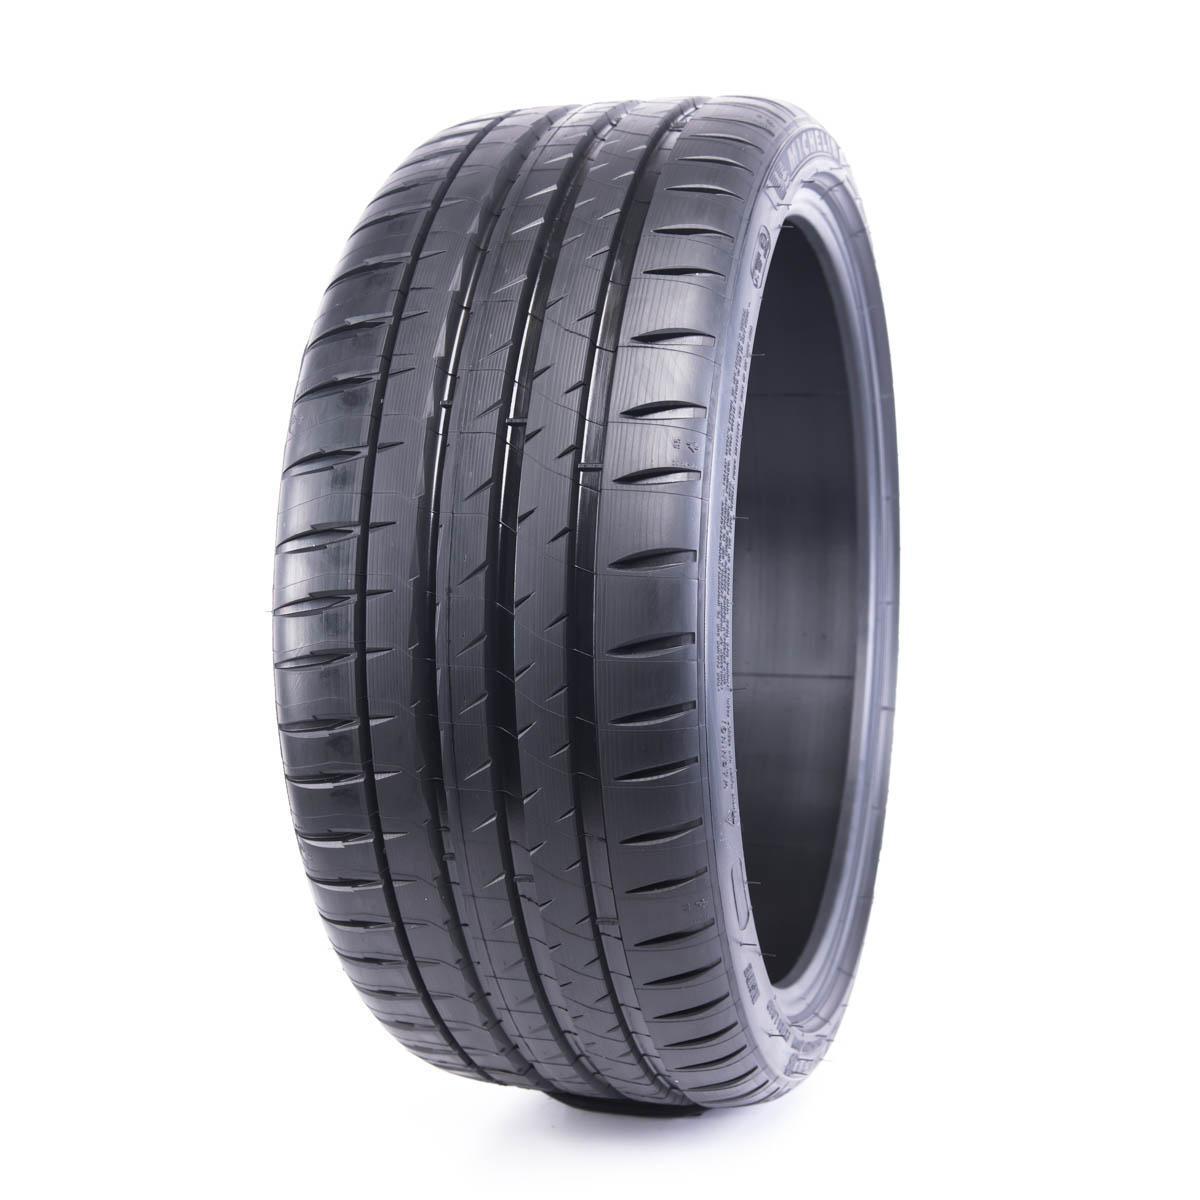 Michelin Pilot Sport 4 S - zdjęcie dodatkowe nr 3